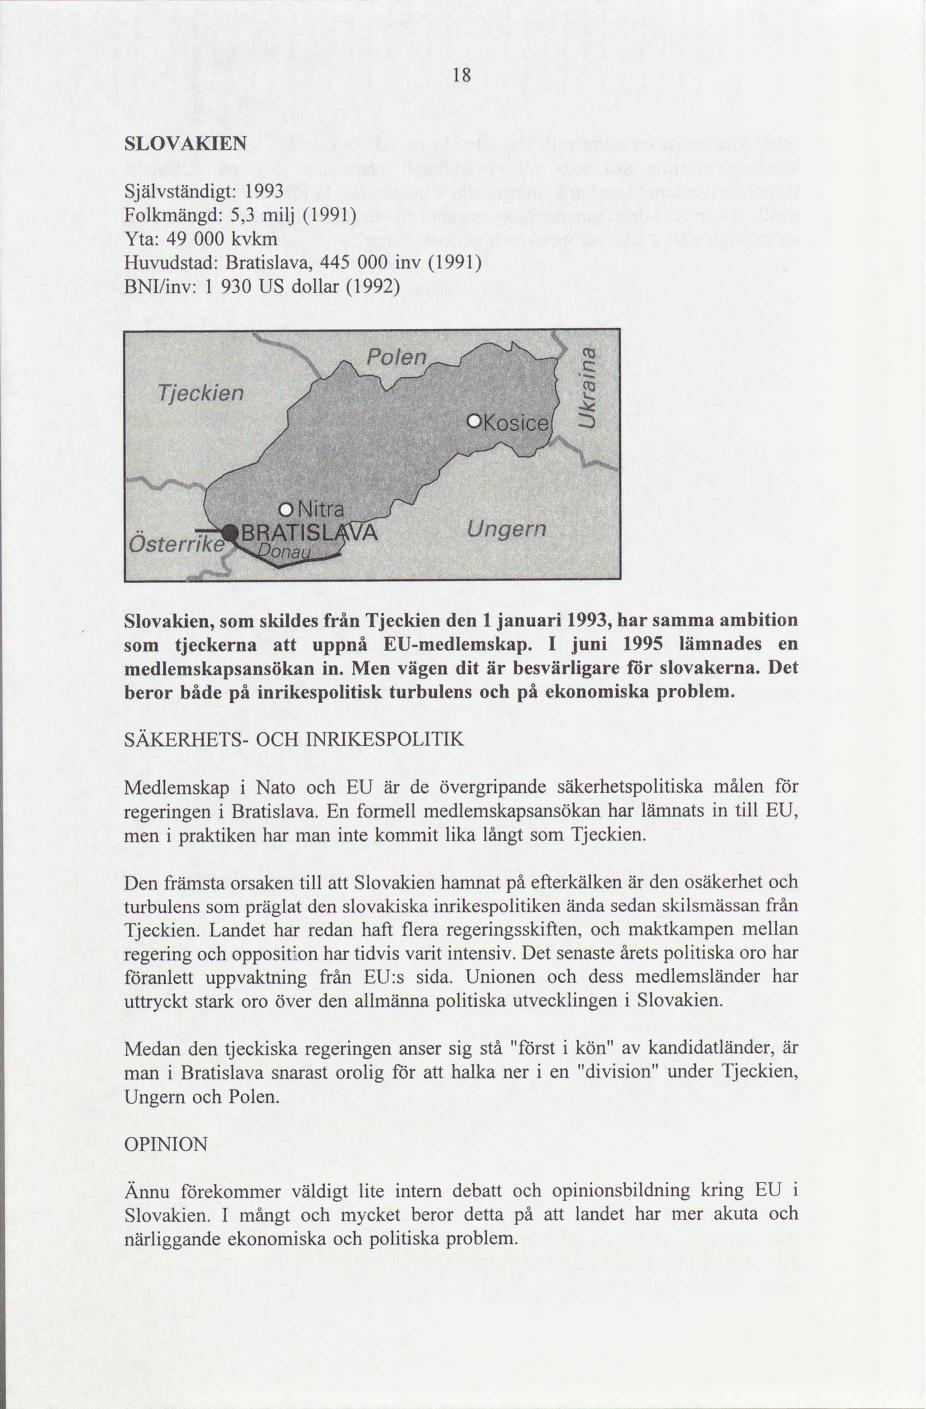 Osterrike och slovakien antog eu lag